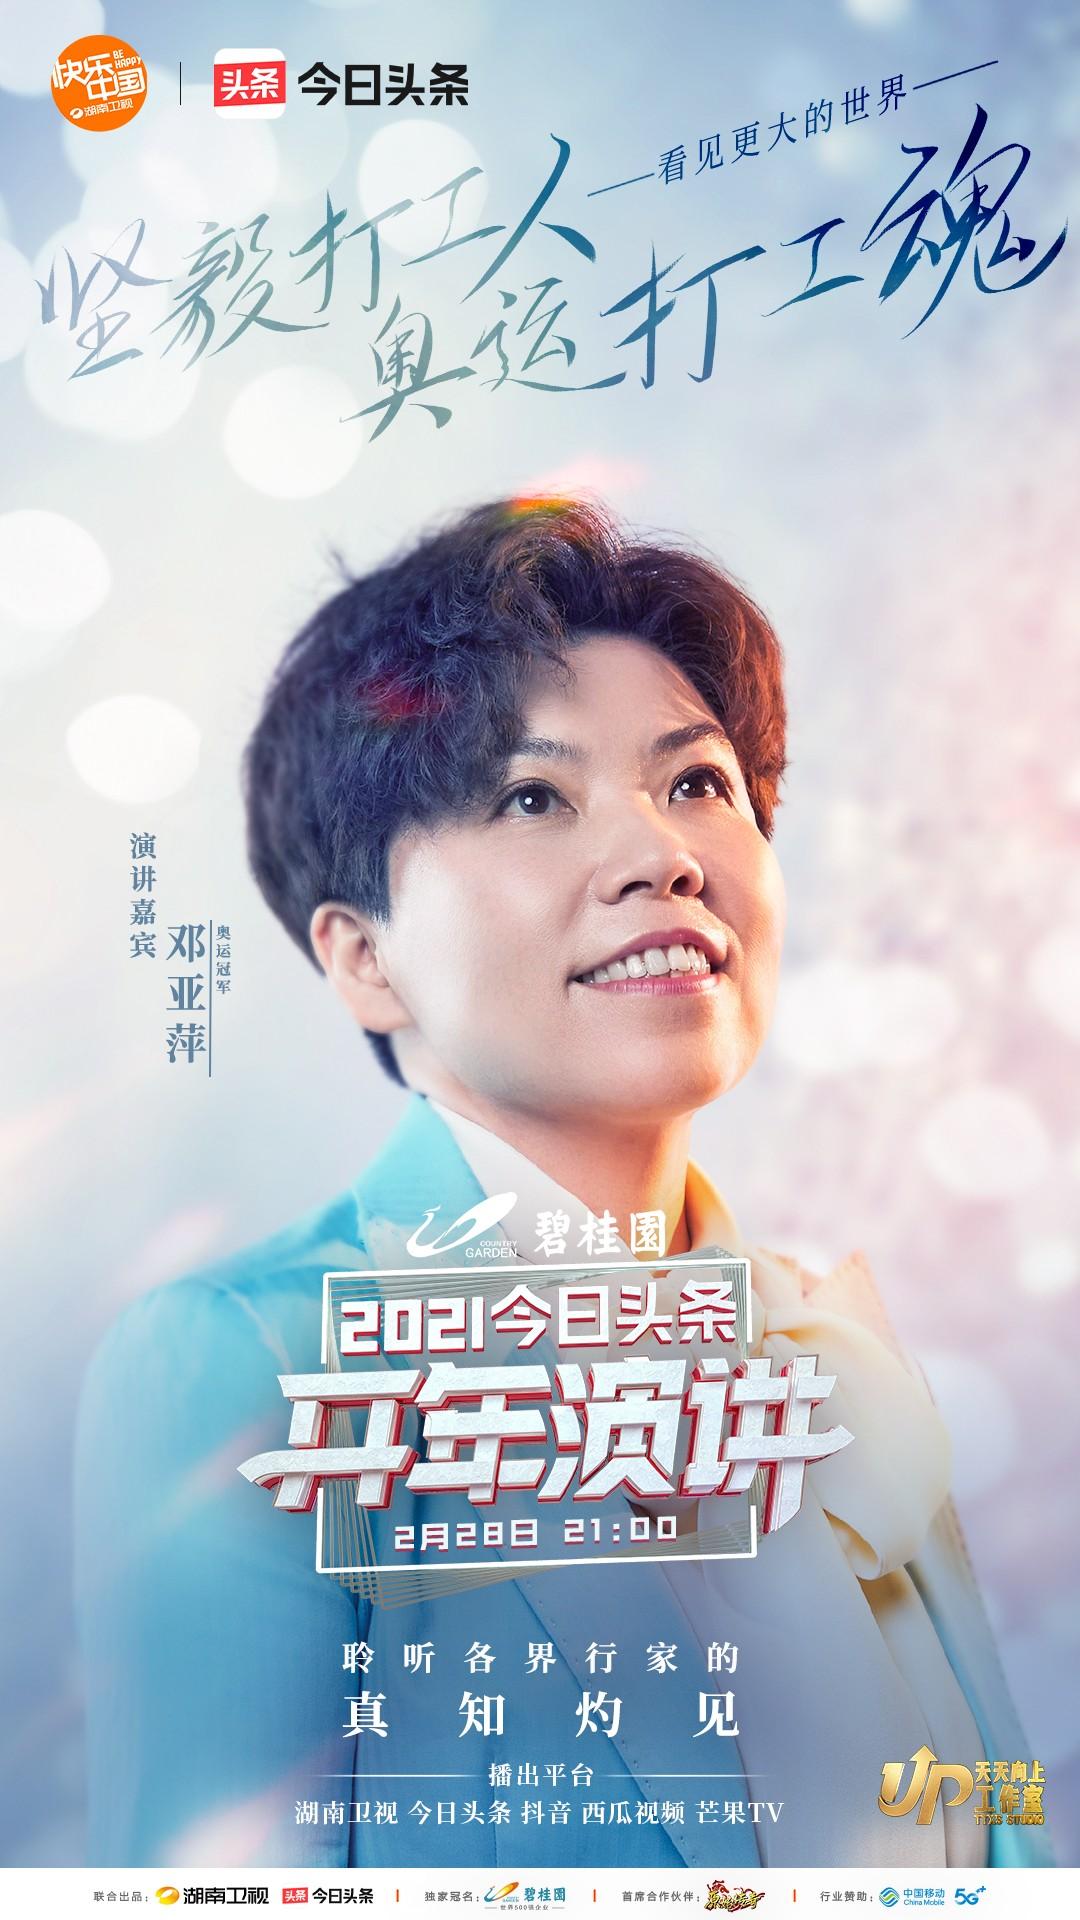 邓亚萍-头条+快乐logo.jpg